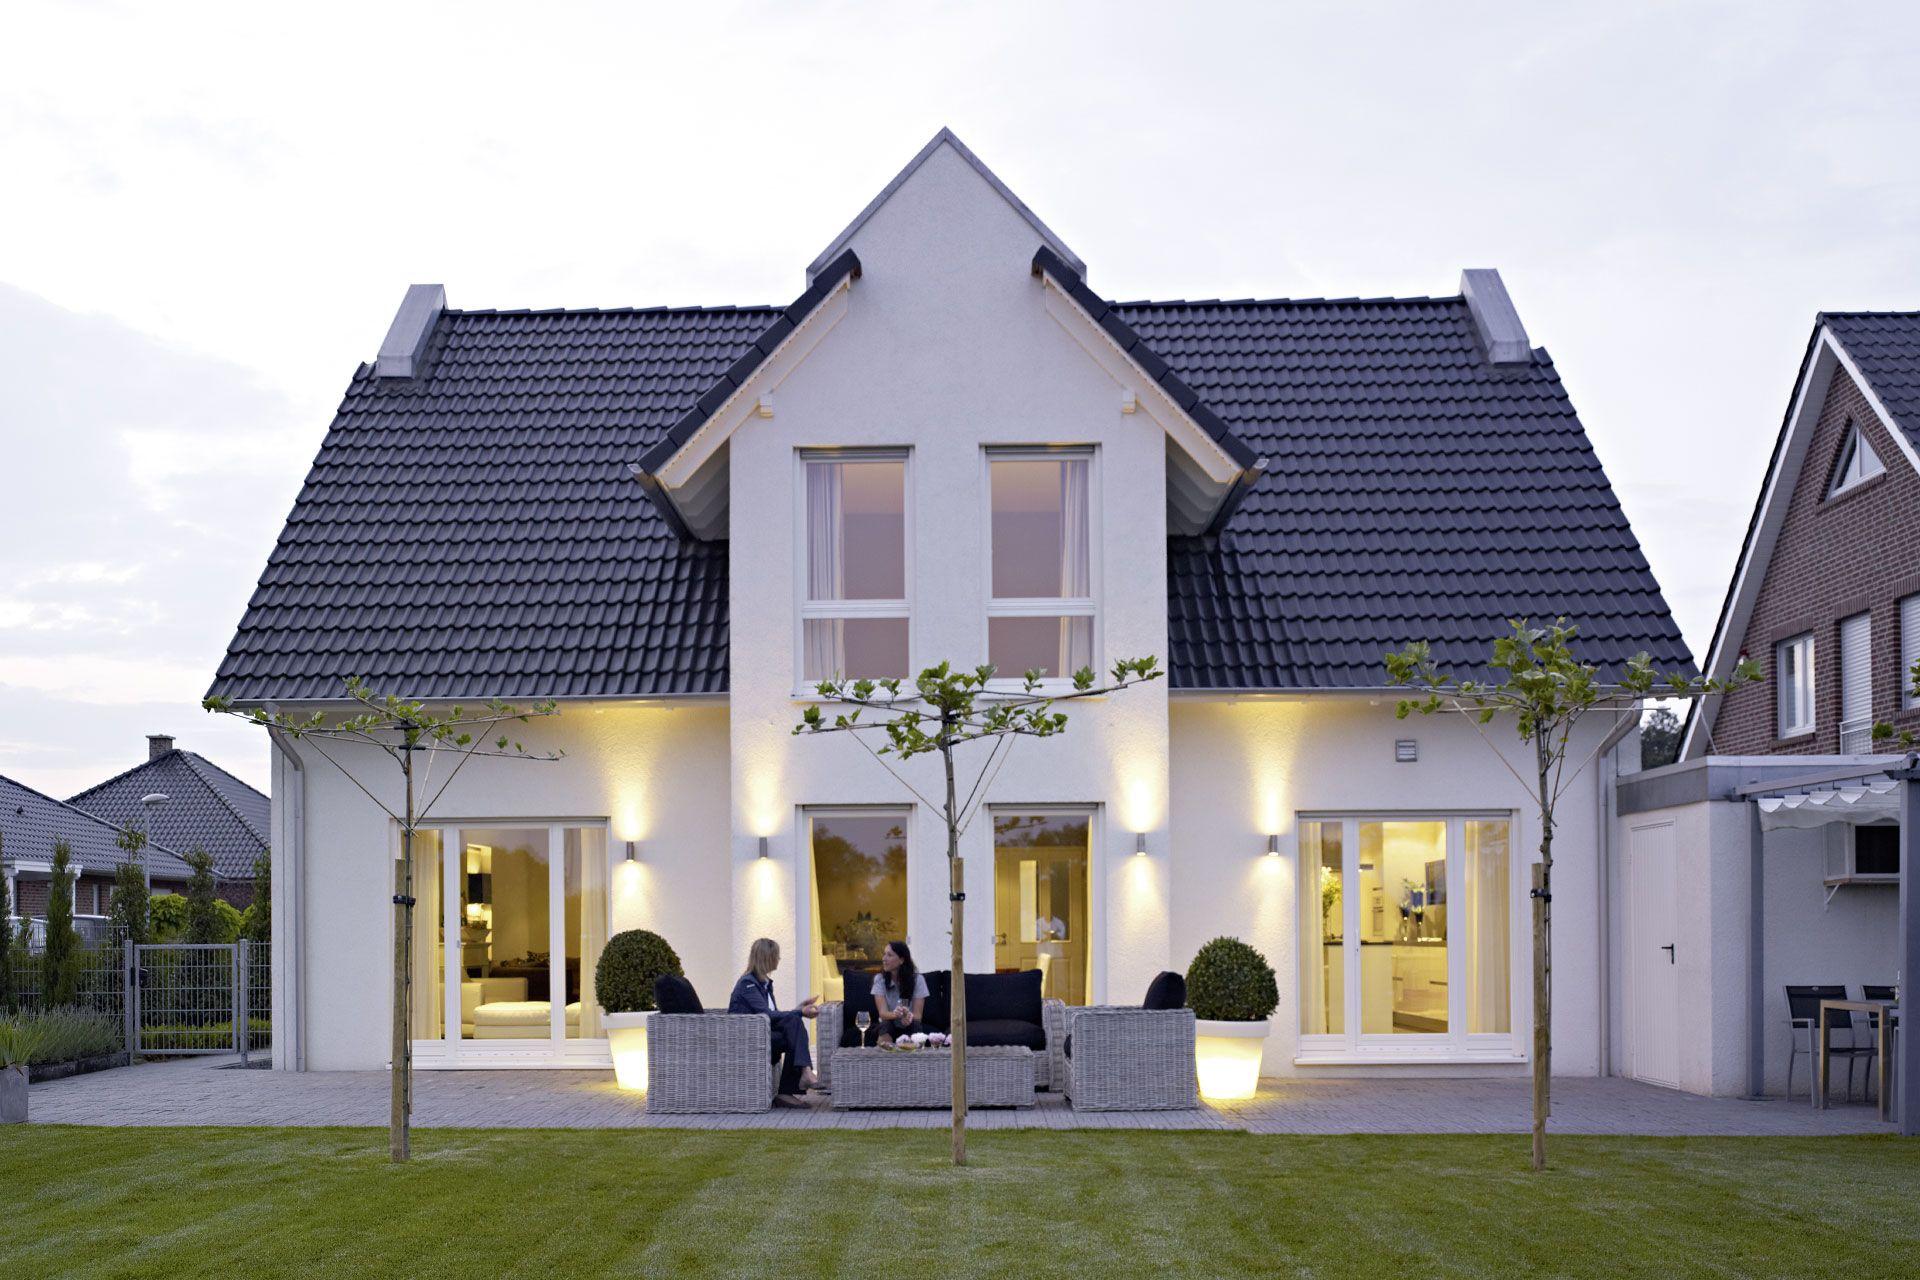 FertighausEinfamilienhaus Hochfeld DreiGiebelHaus